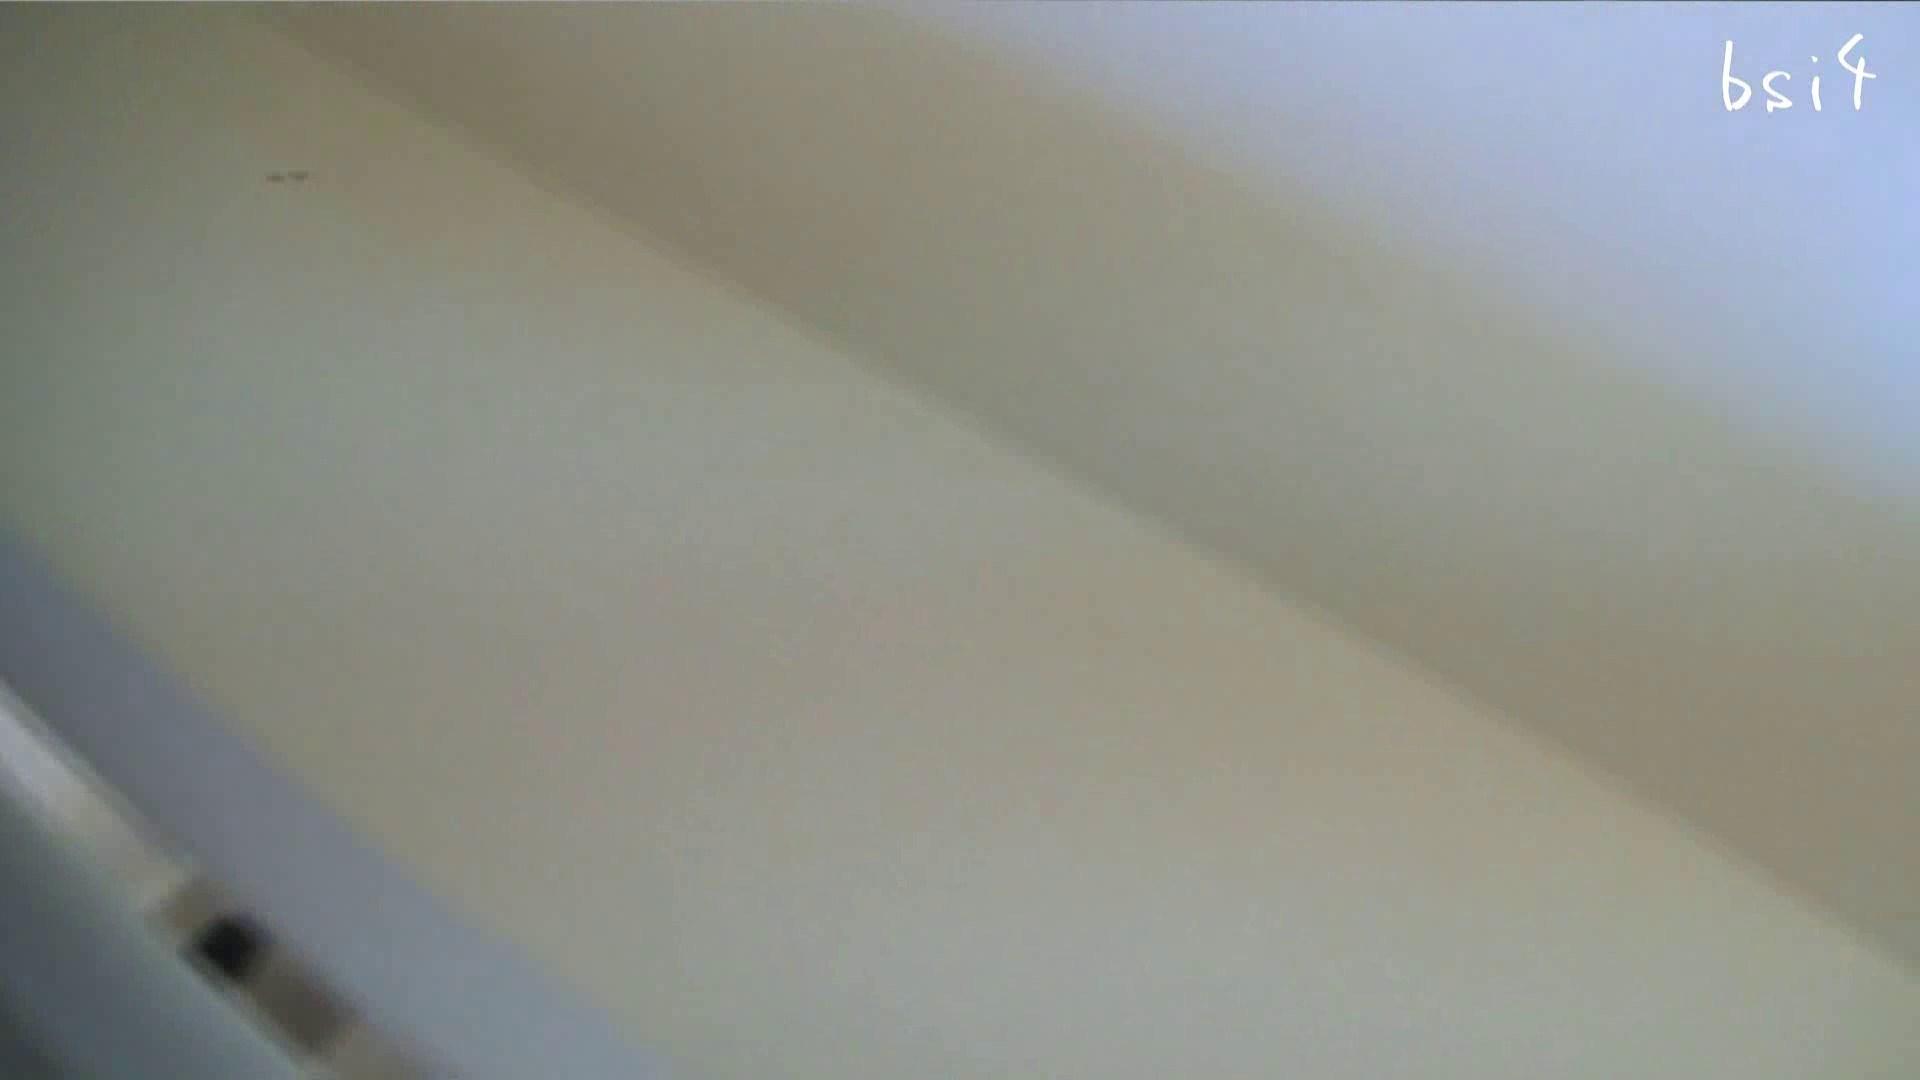 ナースのお小水 vol.004 OLセックス | ナース  52画像 1